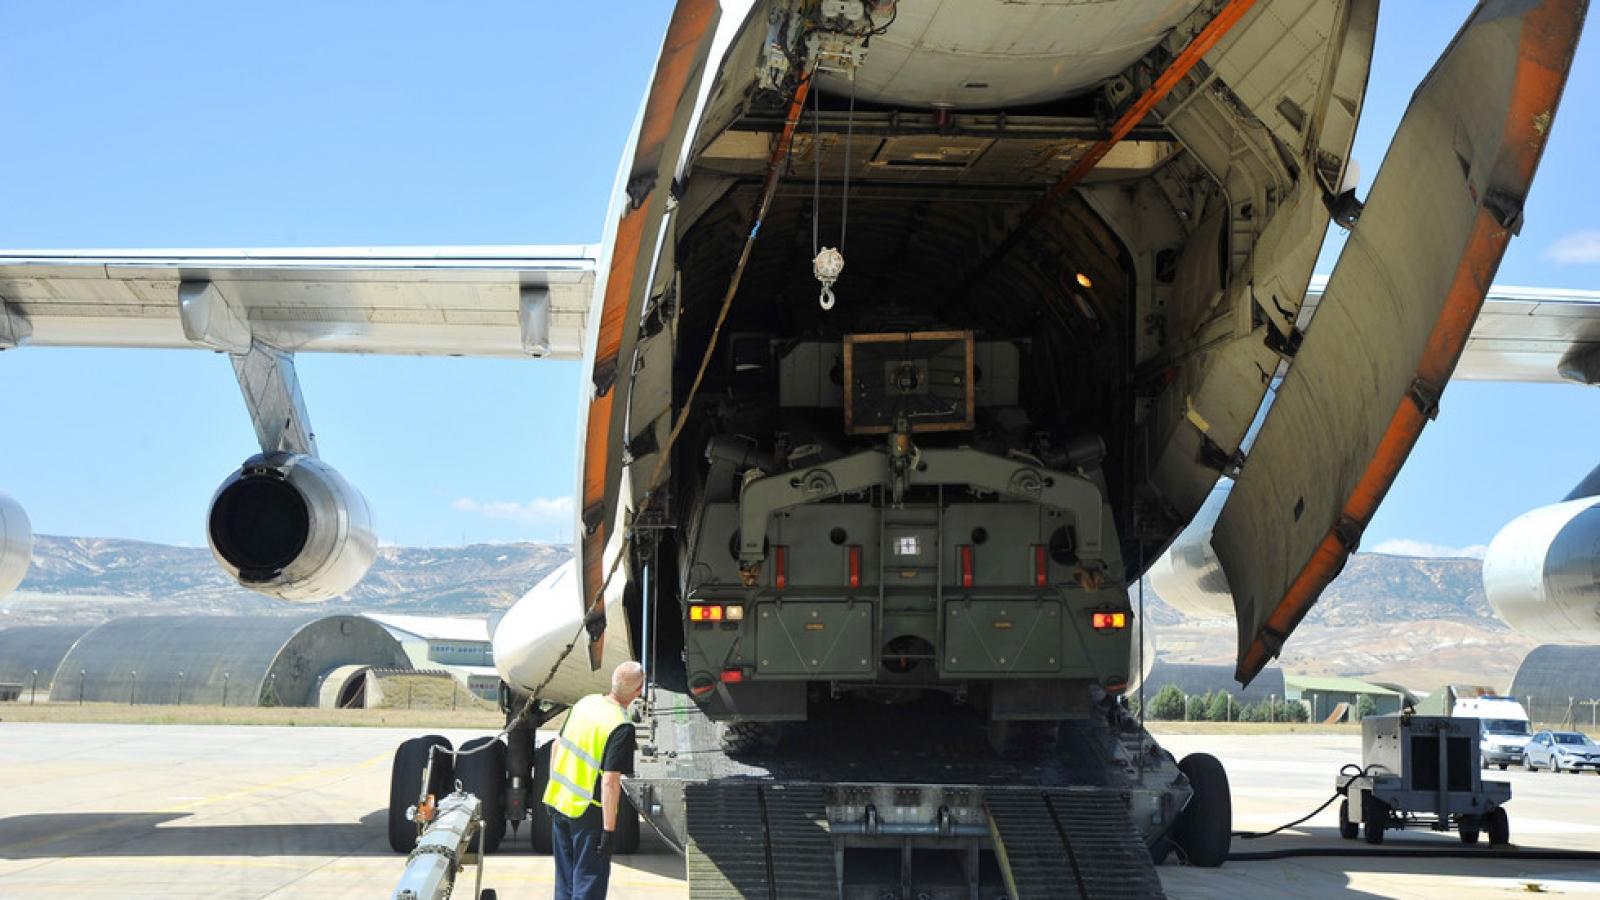 Video: Thổ Nhĩ Kỳ lần đầu tiên thử nghiệm hệ thống phòng không S-400